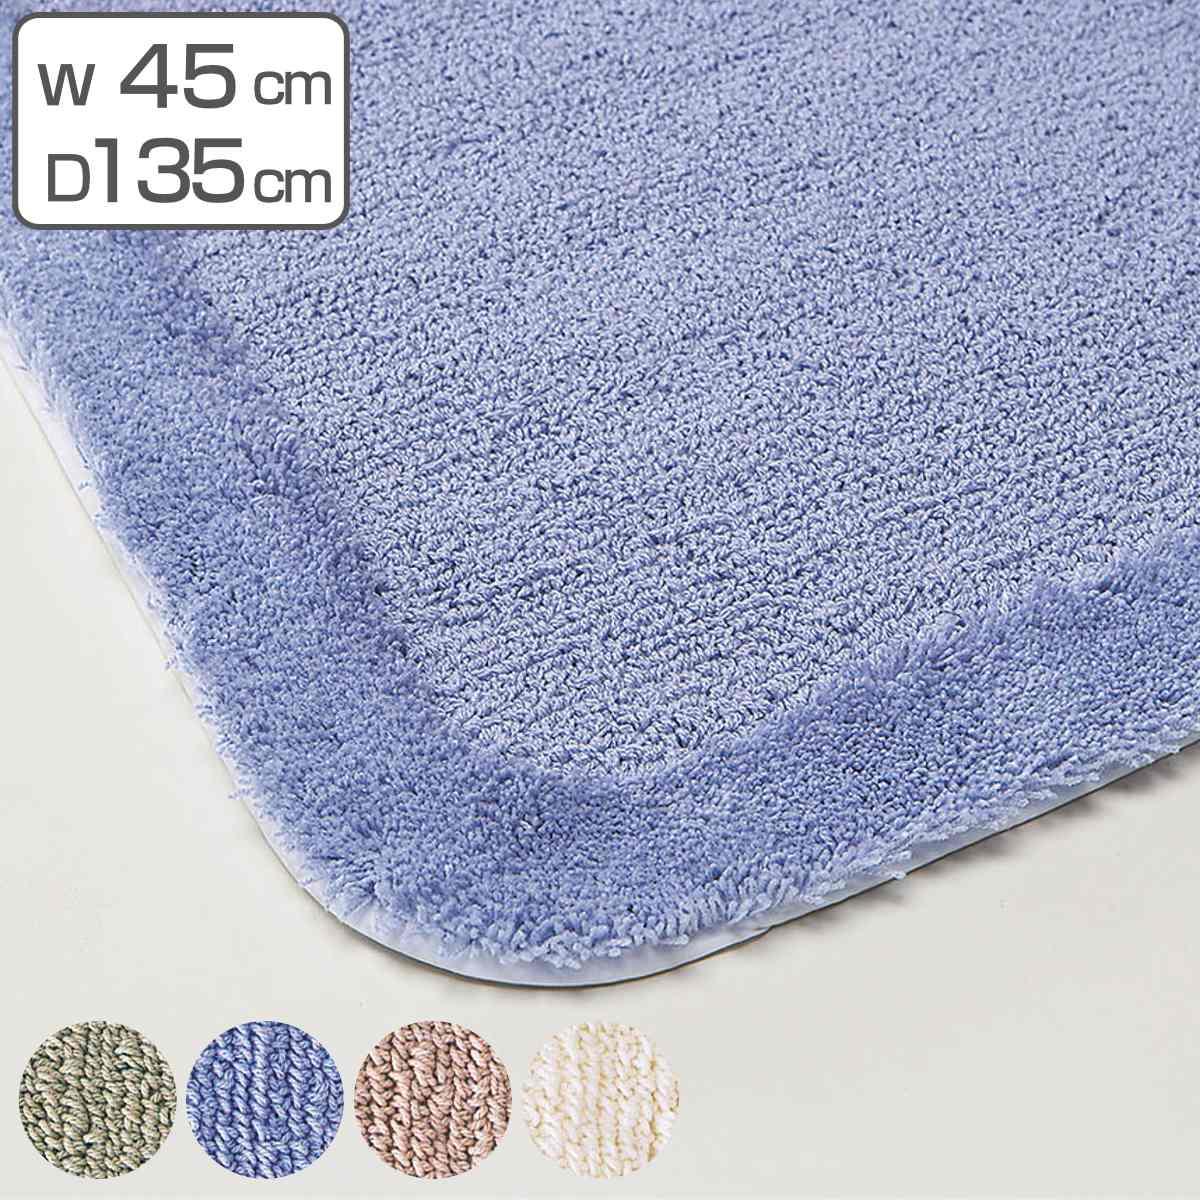 バスマット業務用 吸水ループパイル ノンスリップ抗菌仕様  45×135    ( 足拭き 風呂マット  )